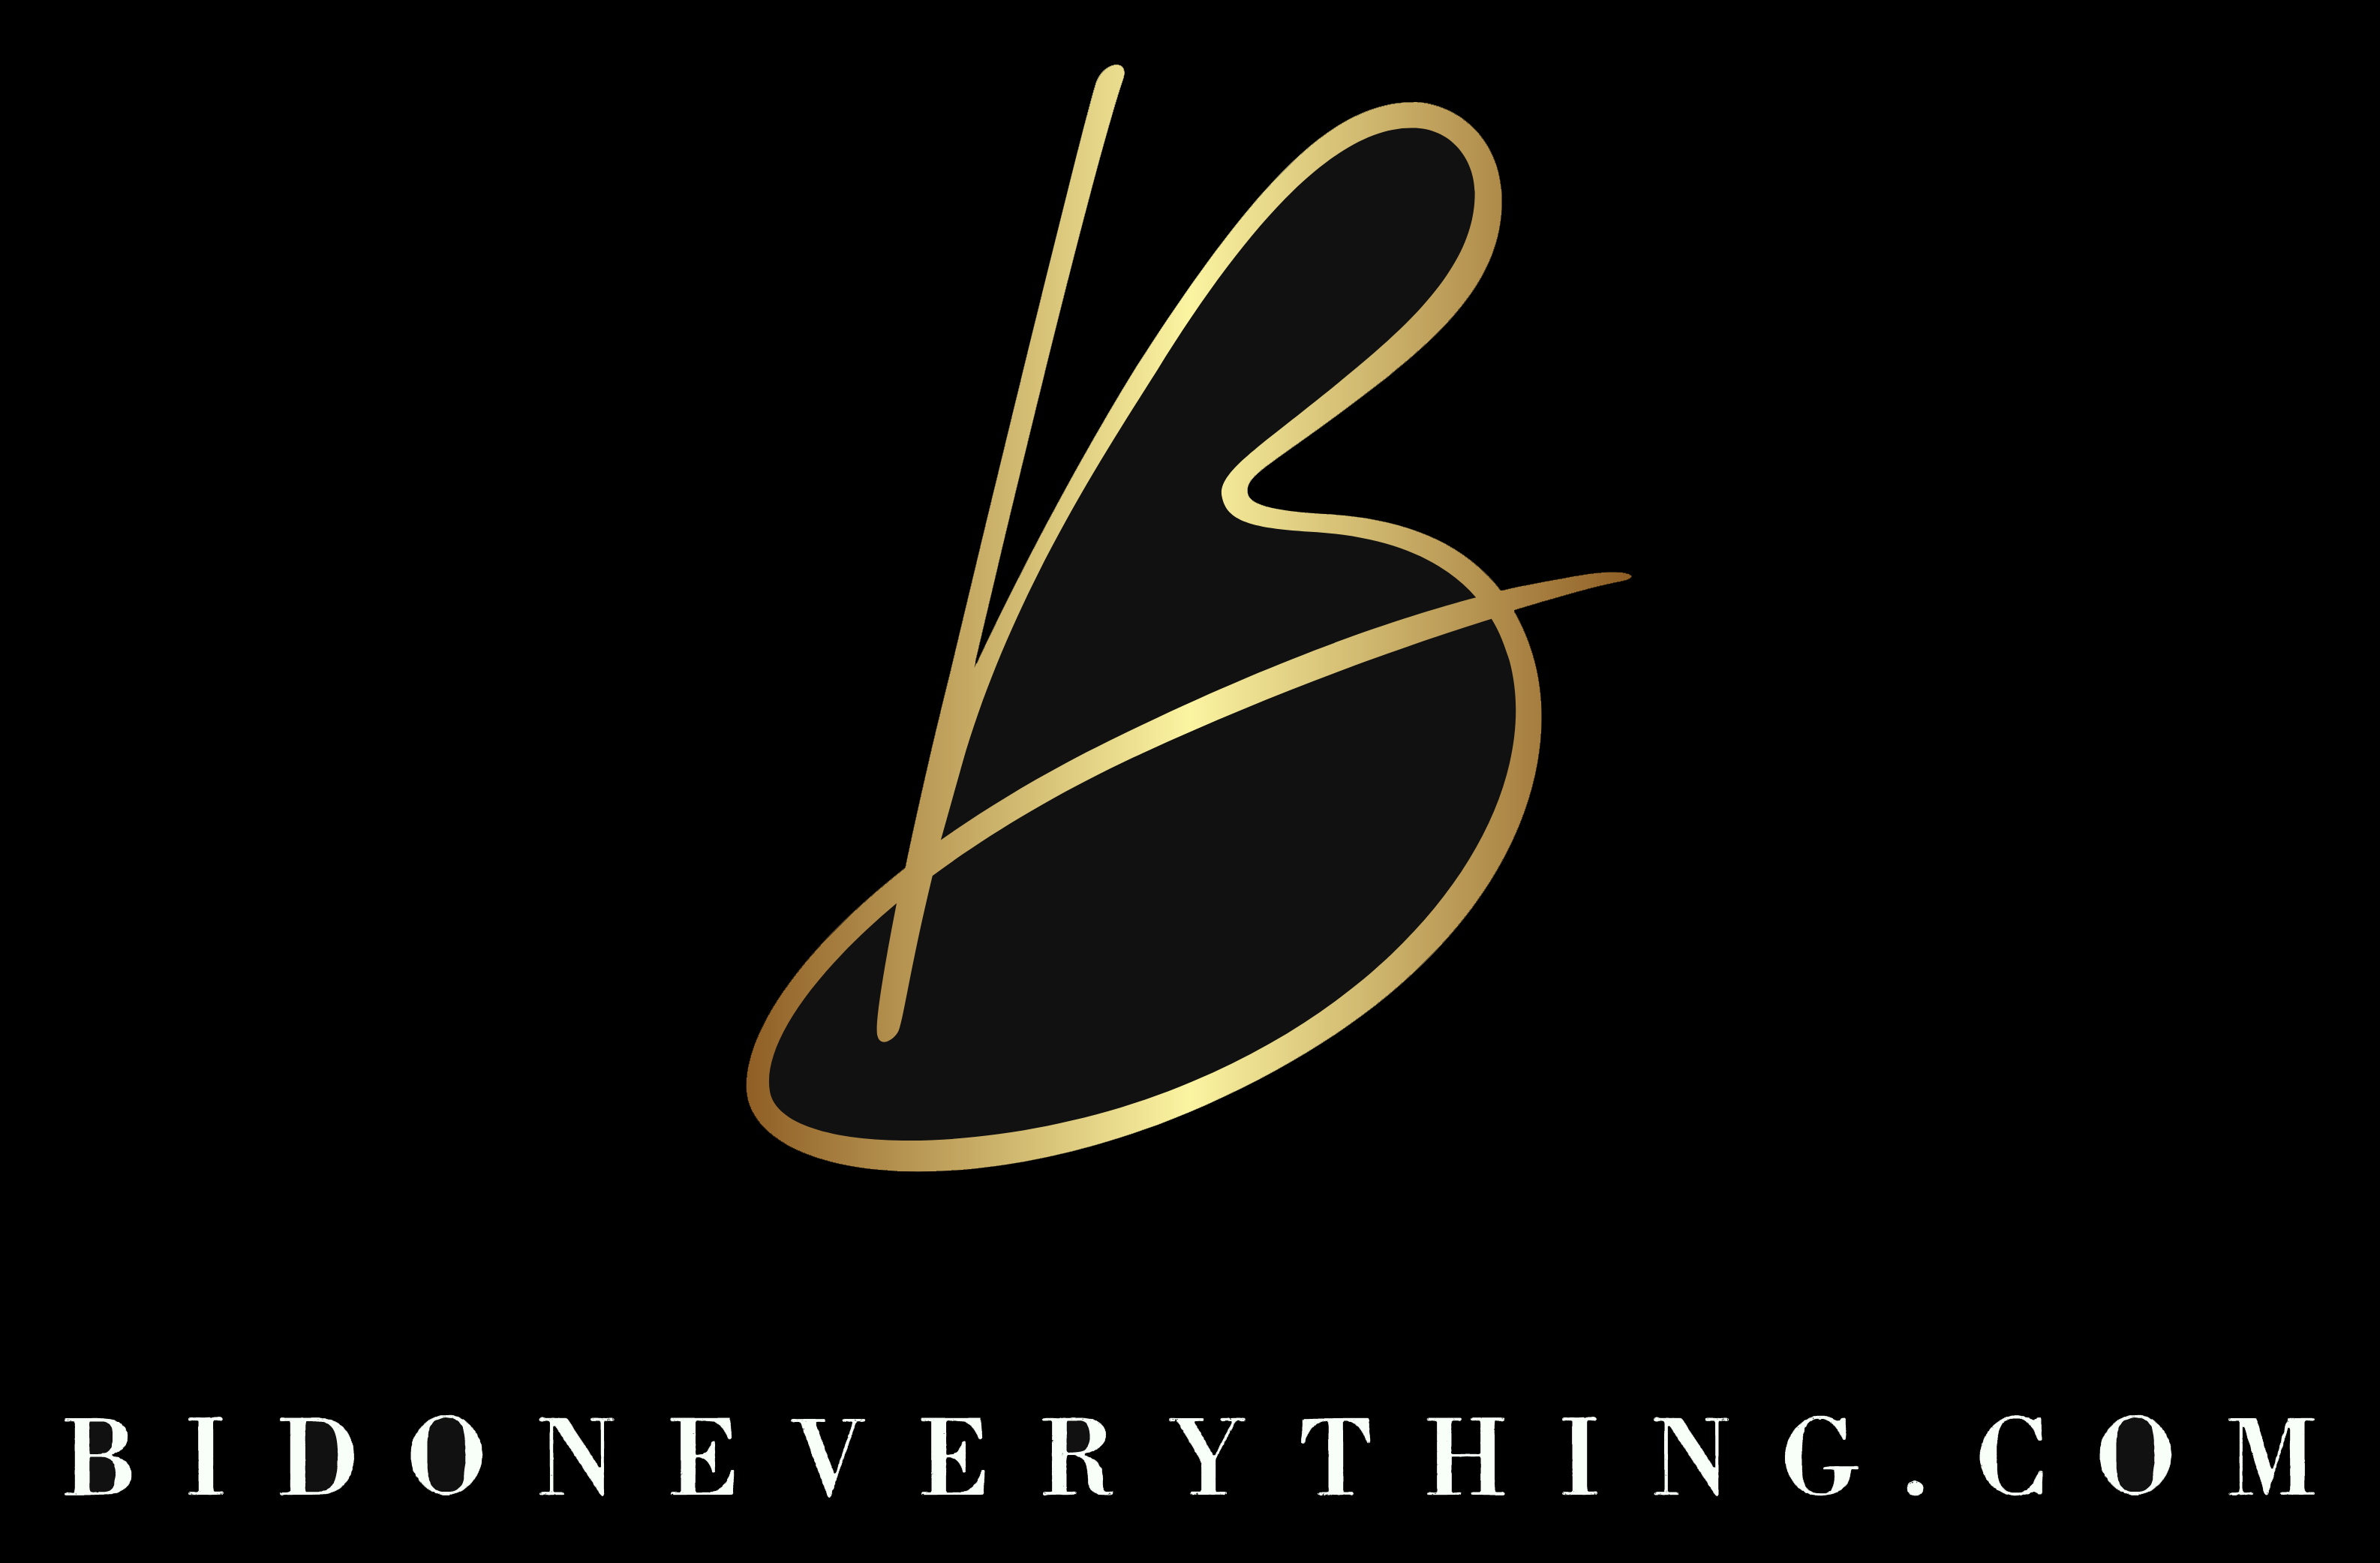 BID ON EVERYTHING